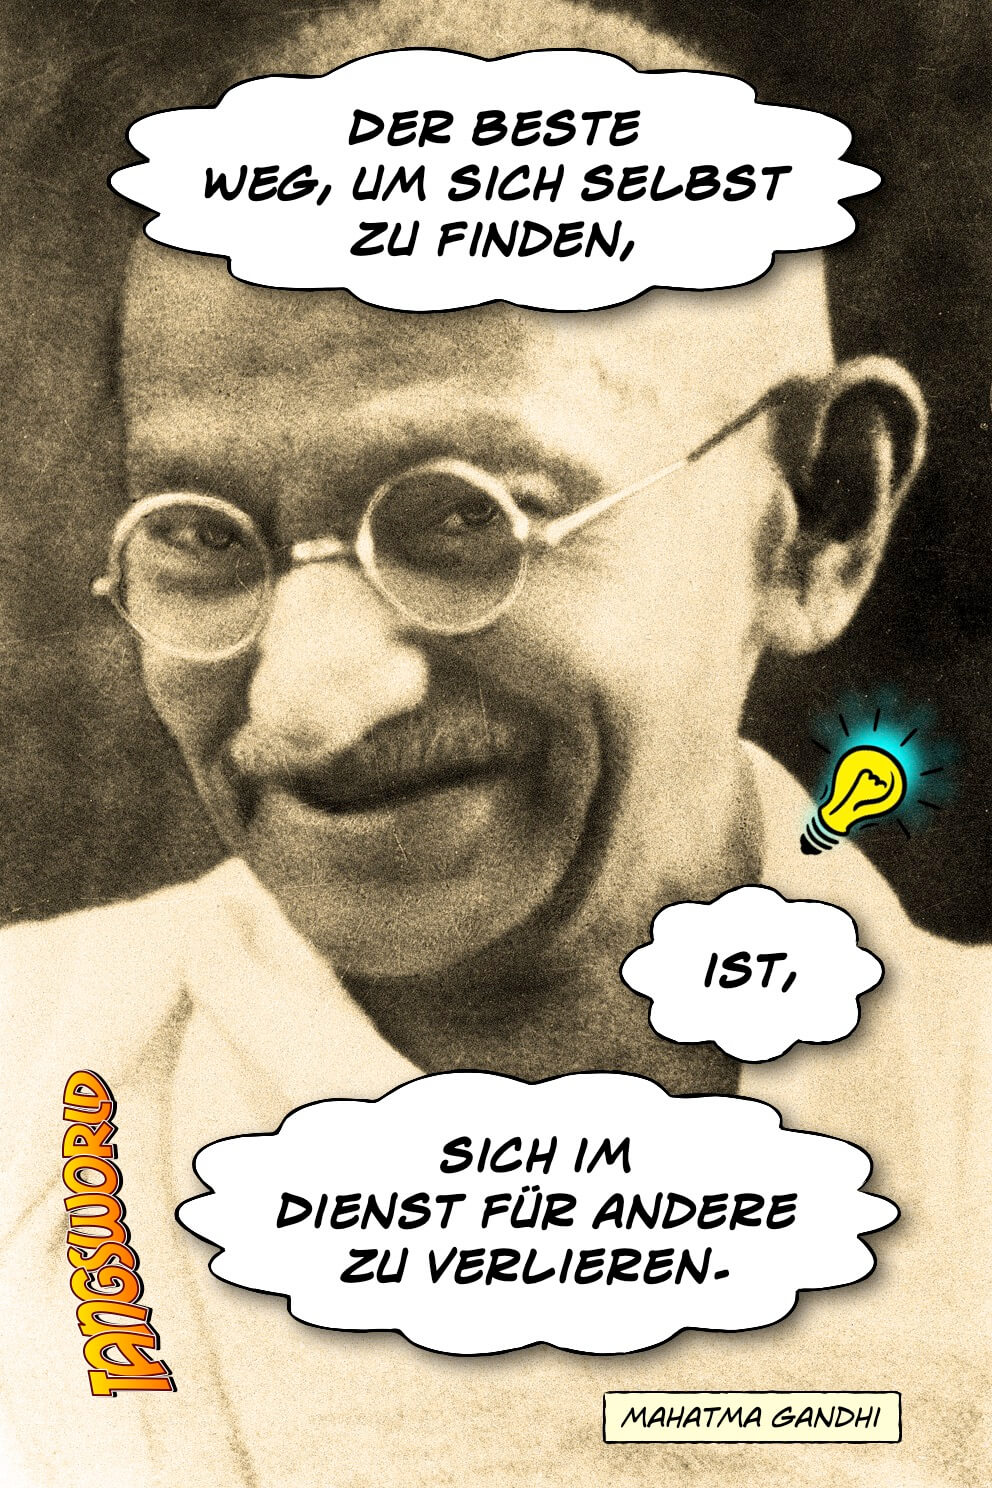 Der beste Weg, um sich selbst zu finden, ist, sich im Dienst für andere zu verlieren. - Geistesblitze | Mahatma Gandhi